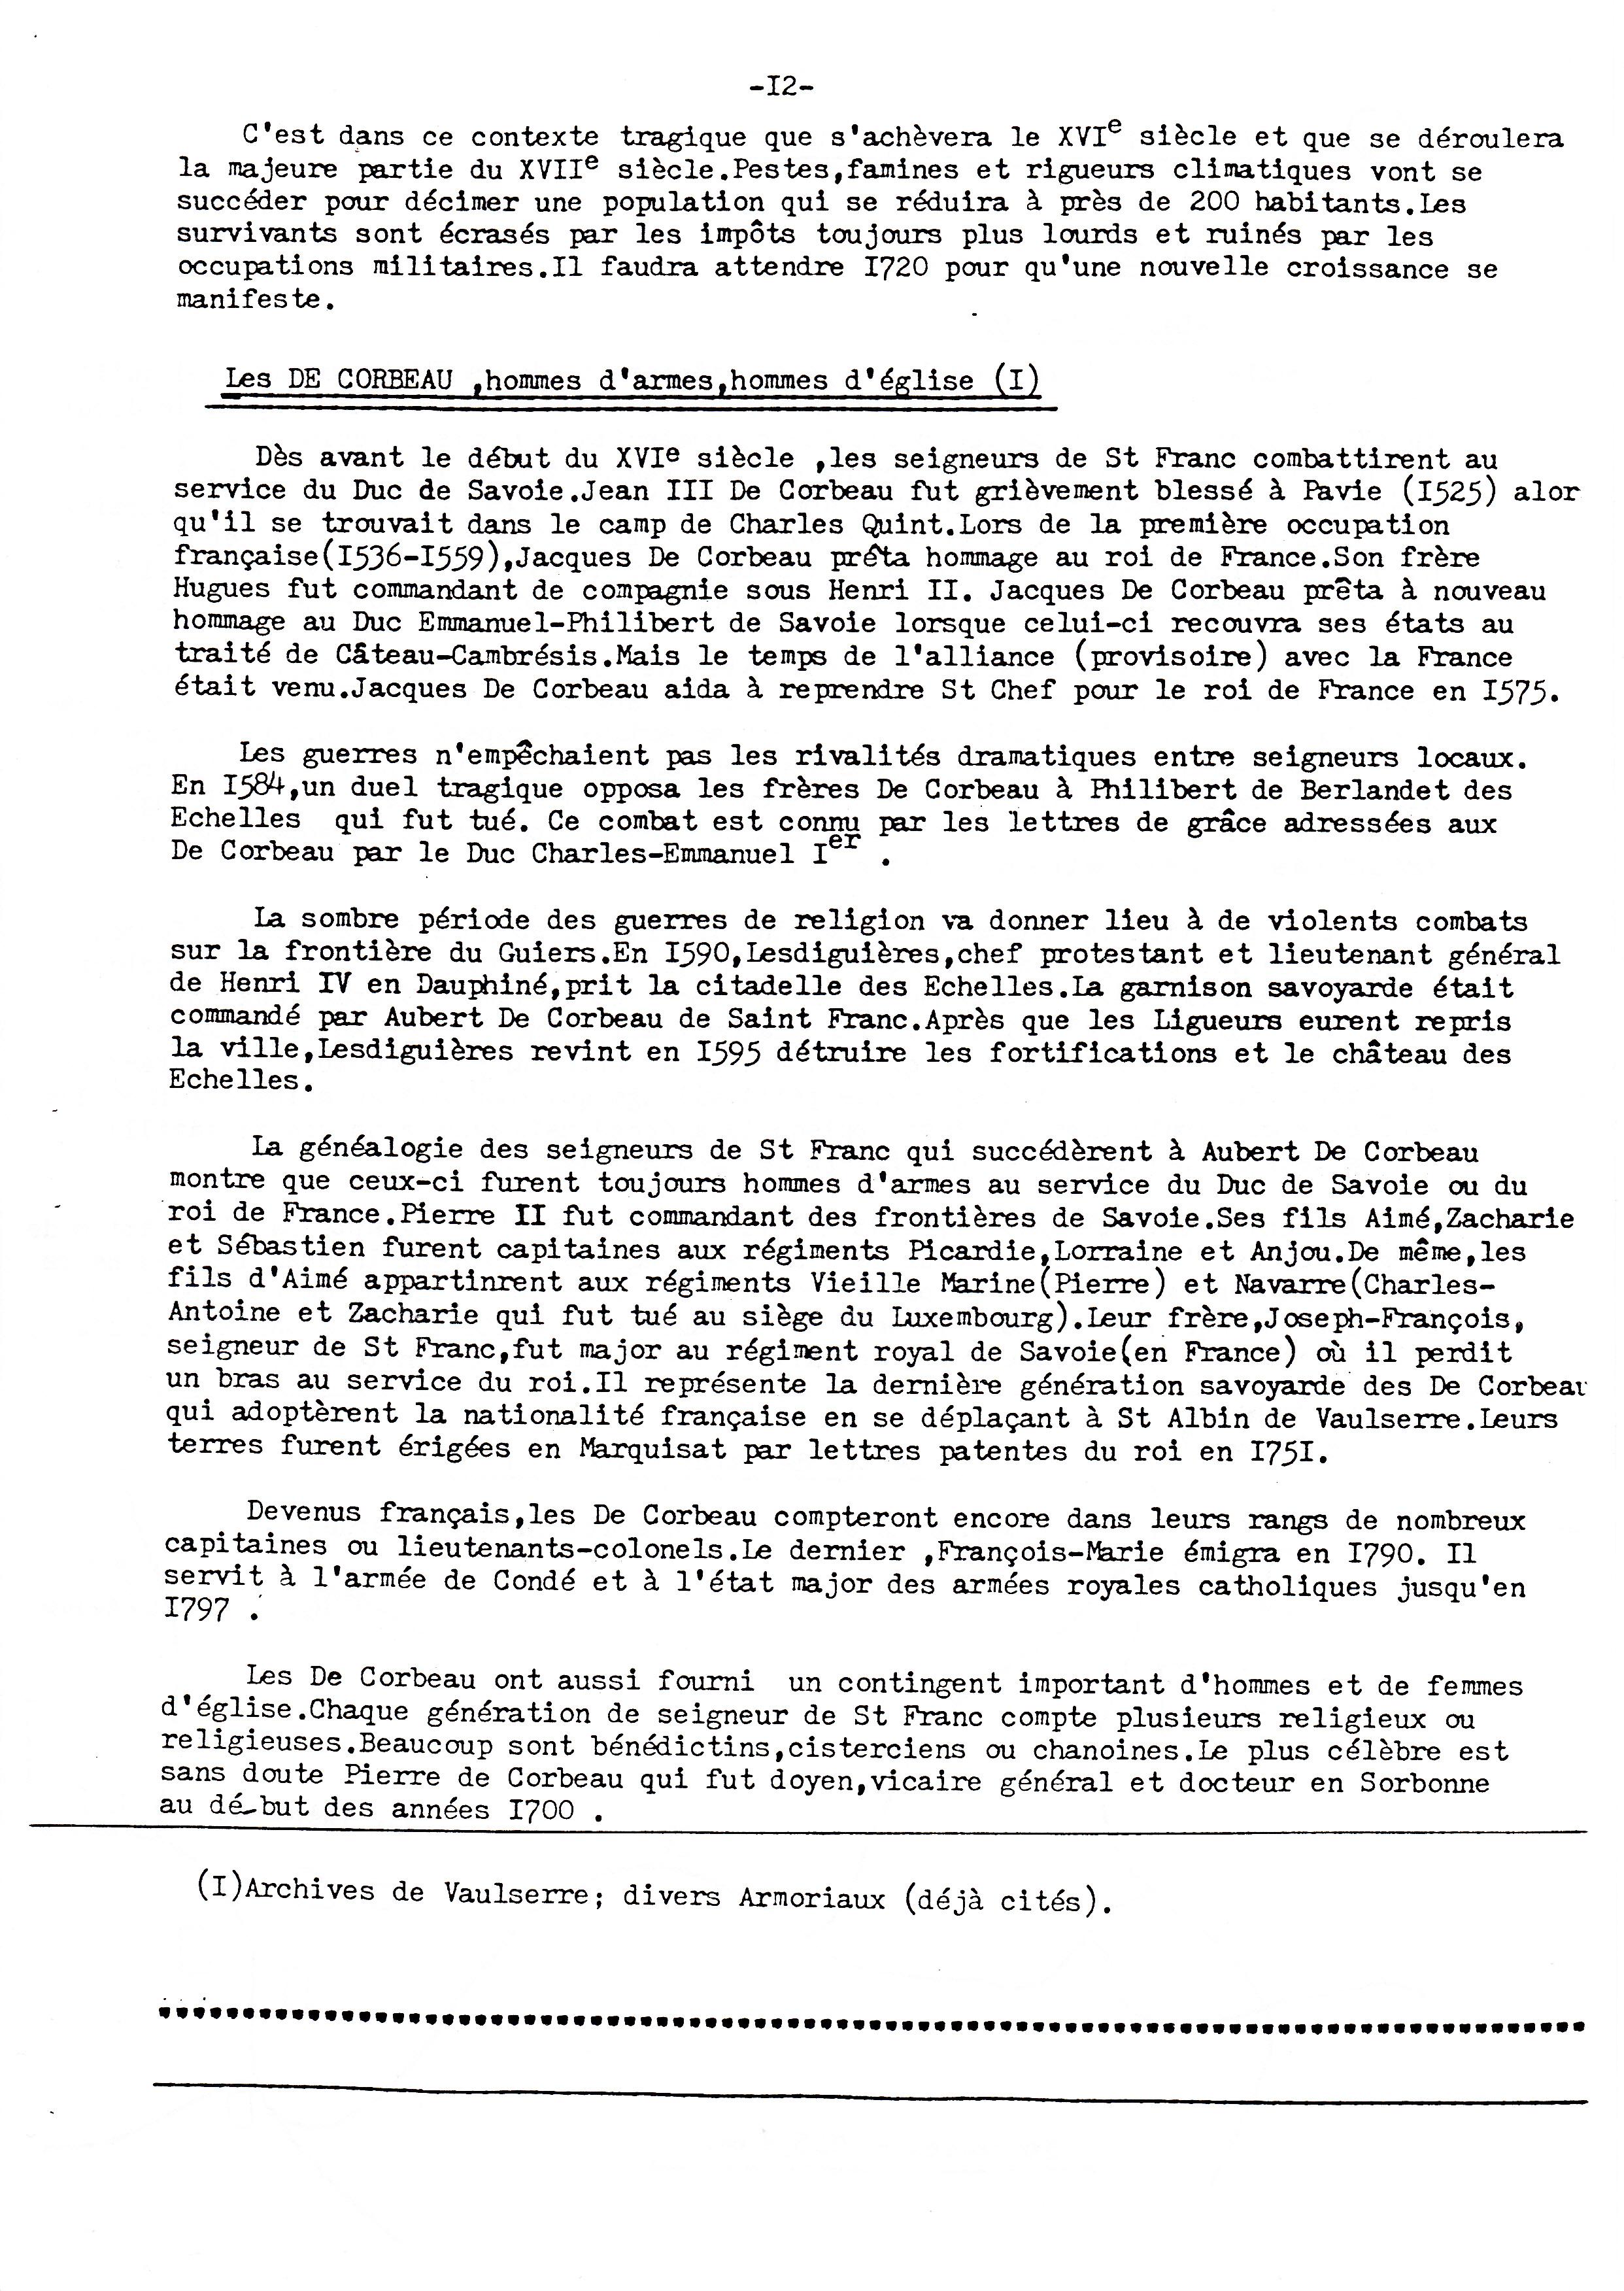 L.P.H.D.S.F. Page 12